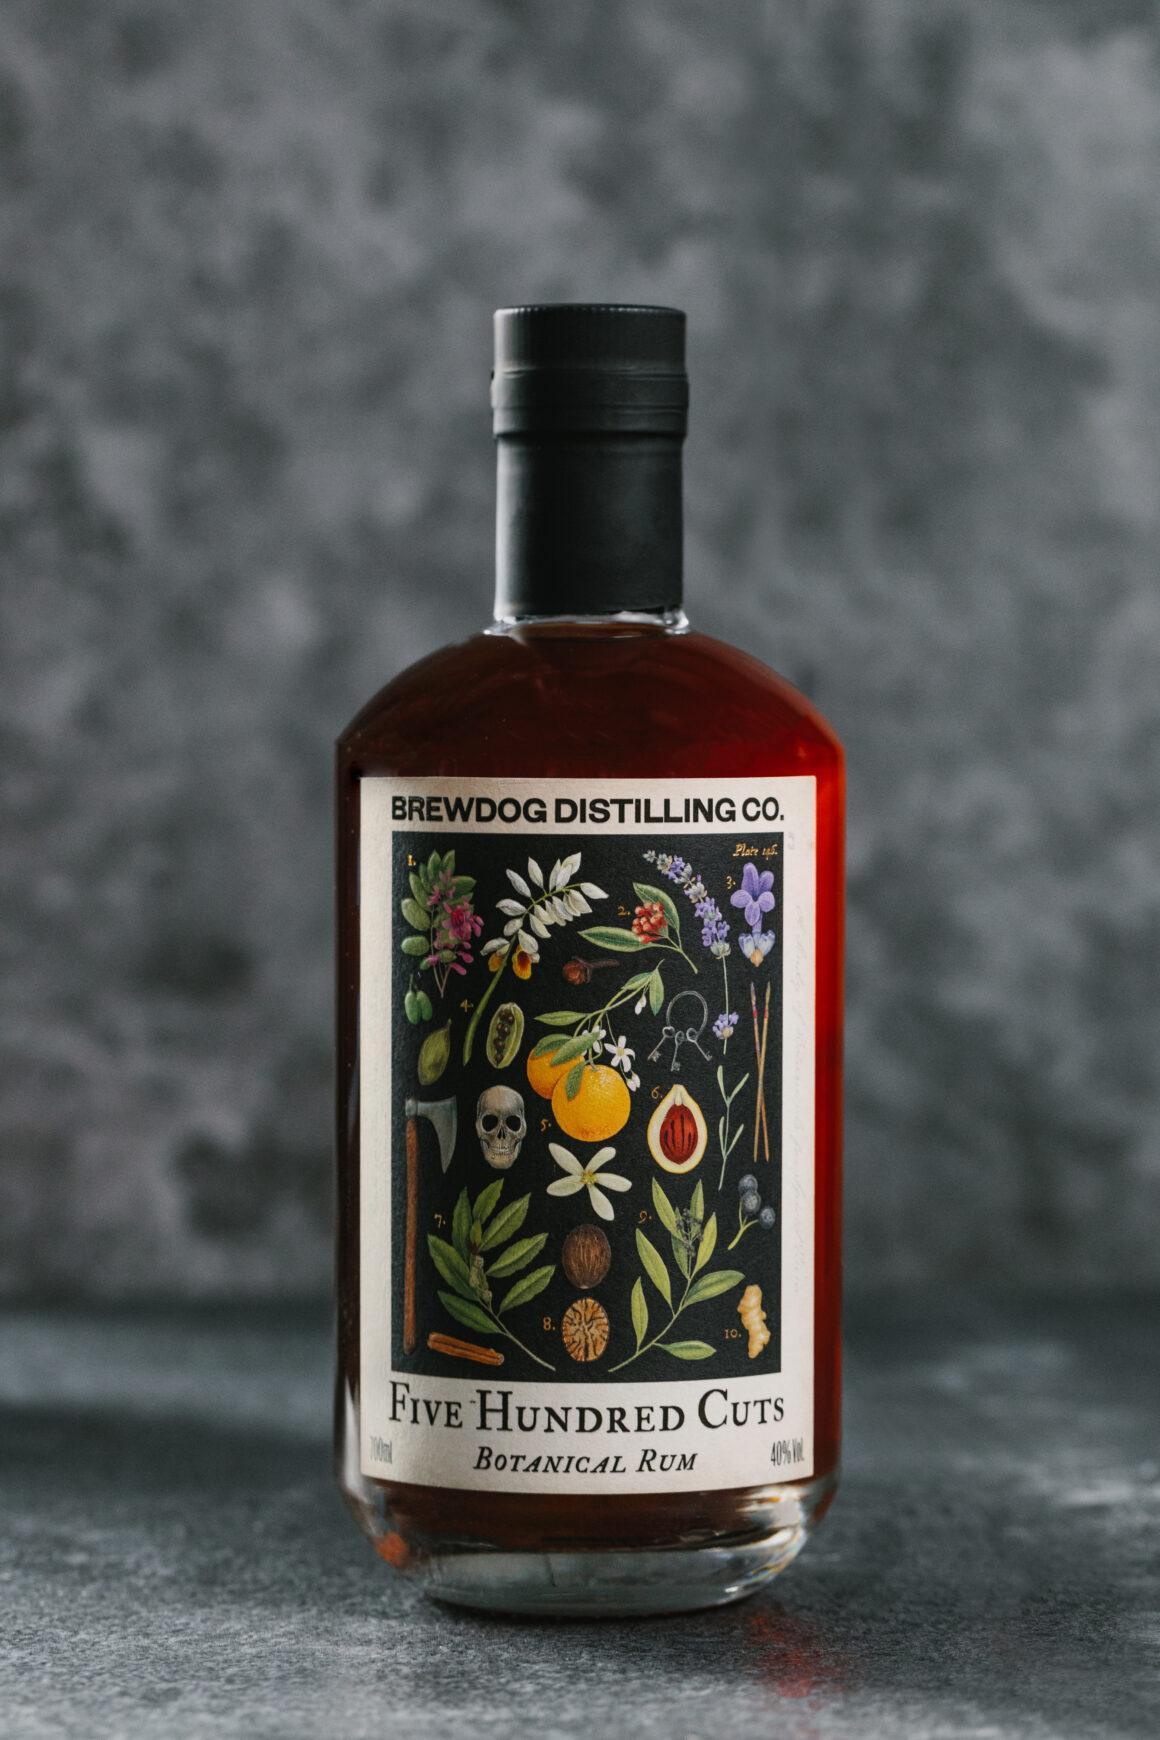 BrewDog Distilling Co. introduces Five Hundred Cuts Rum bottle